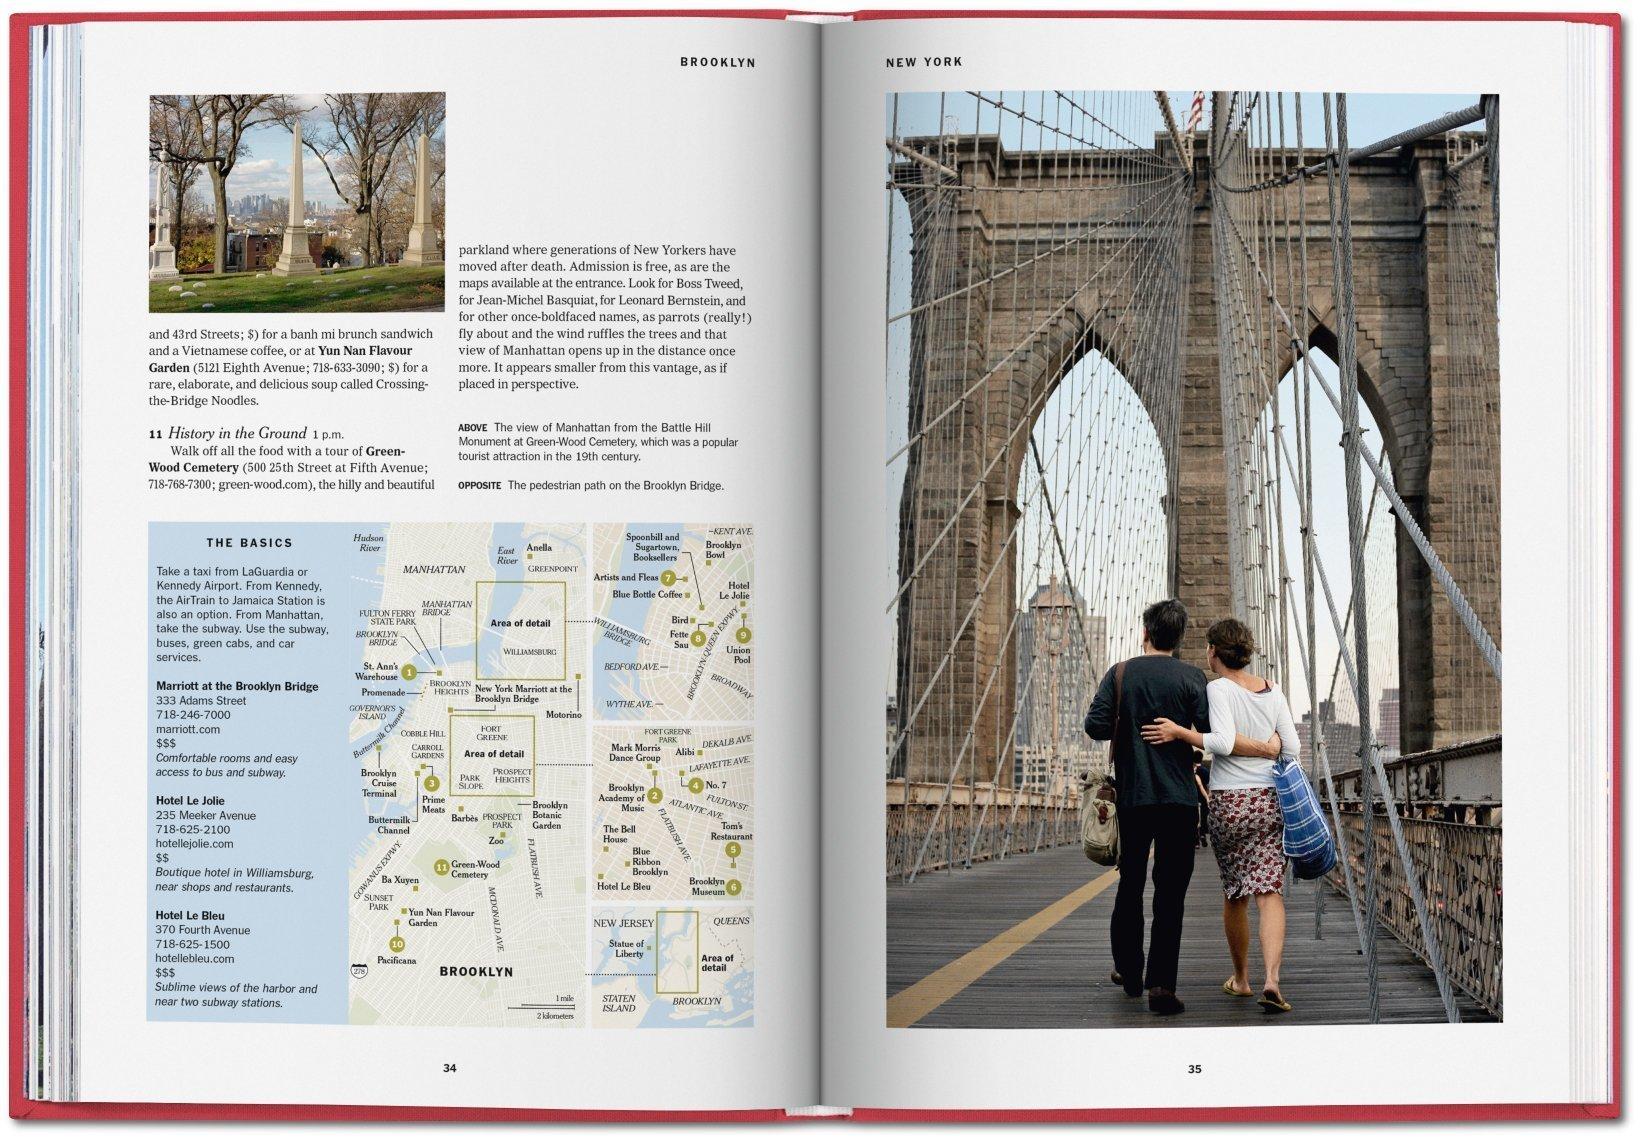 36 hours New York Times Nueva York y alrededores libro viaje ciudad guia